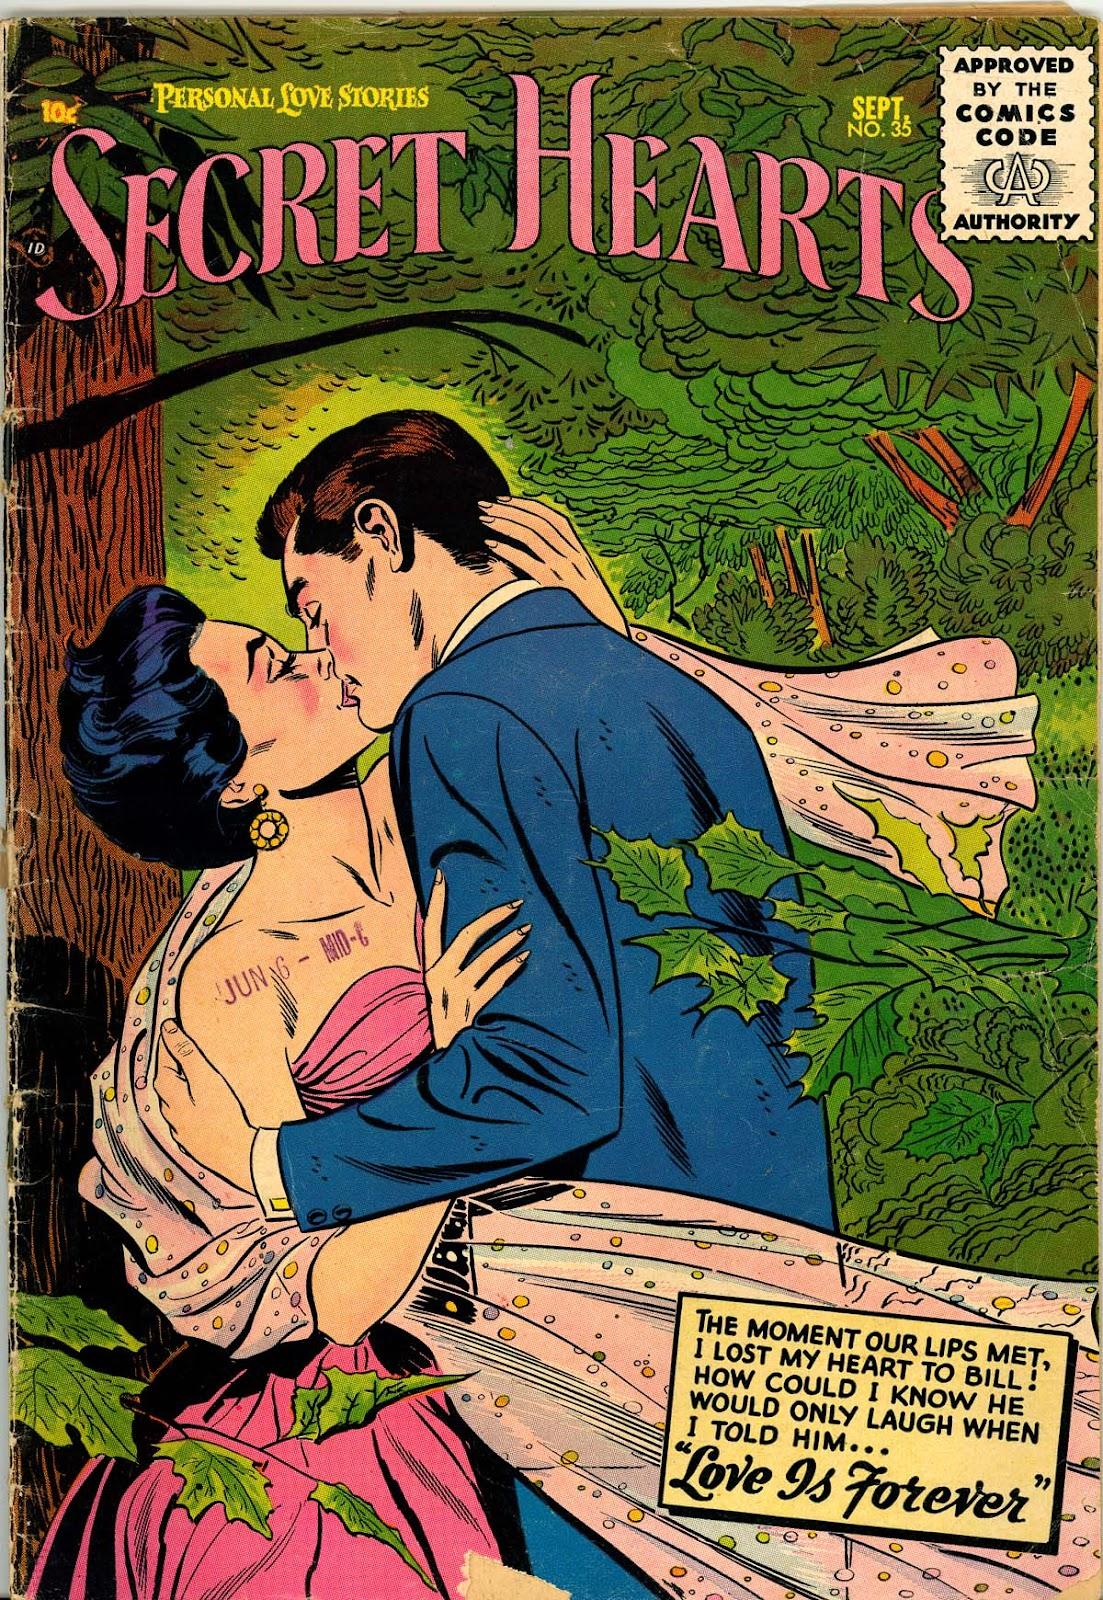 Secret Hearts 35 Page 1